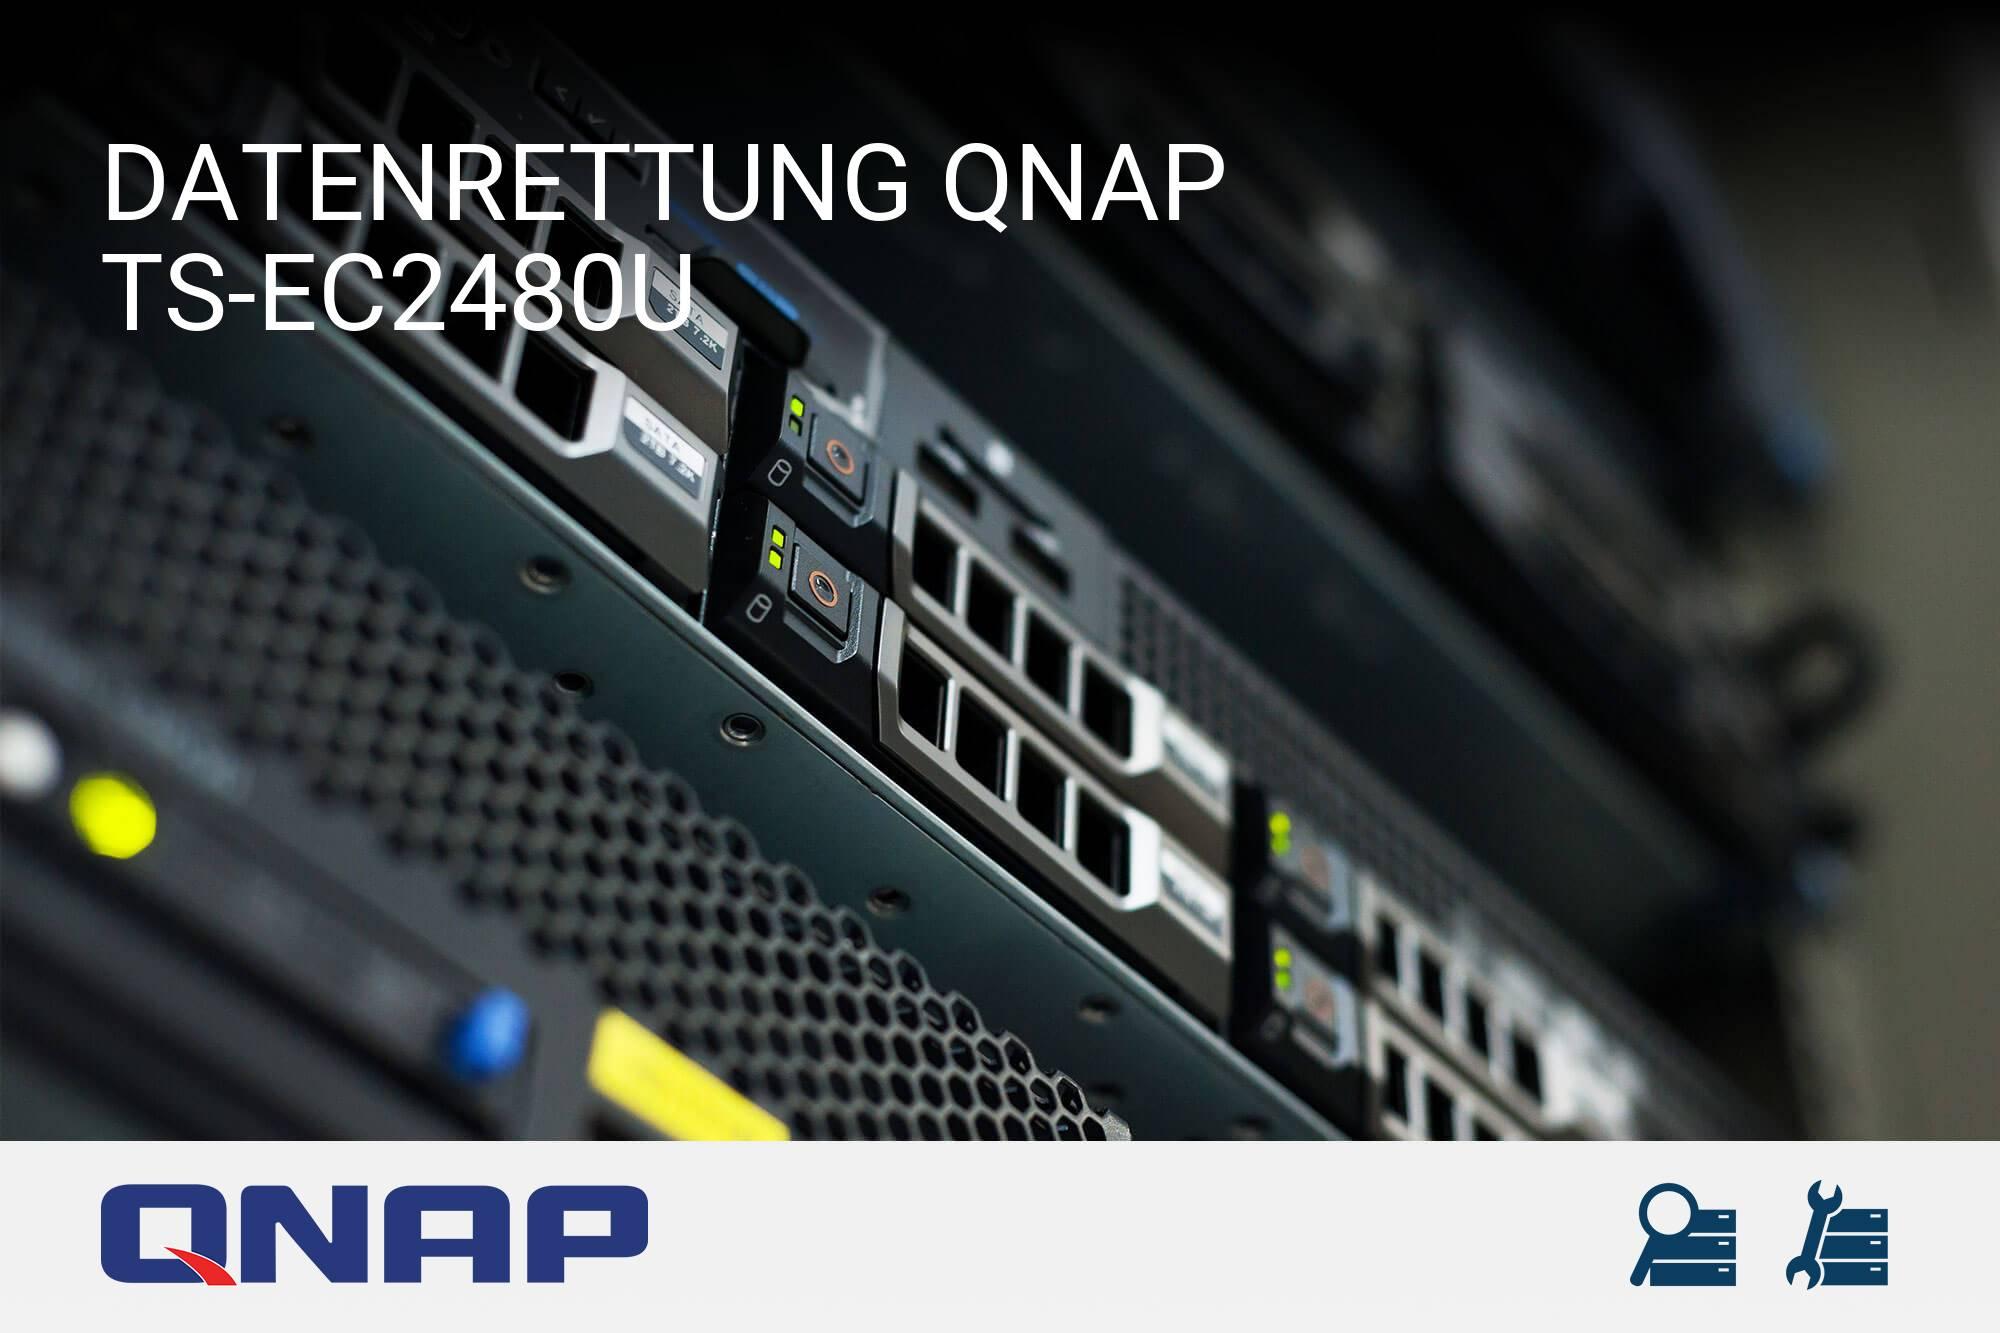 QNAP TS-EC2480U